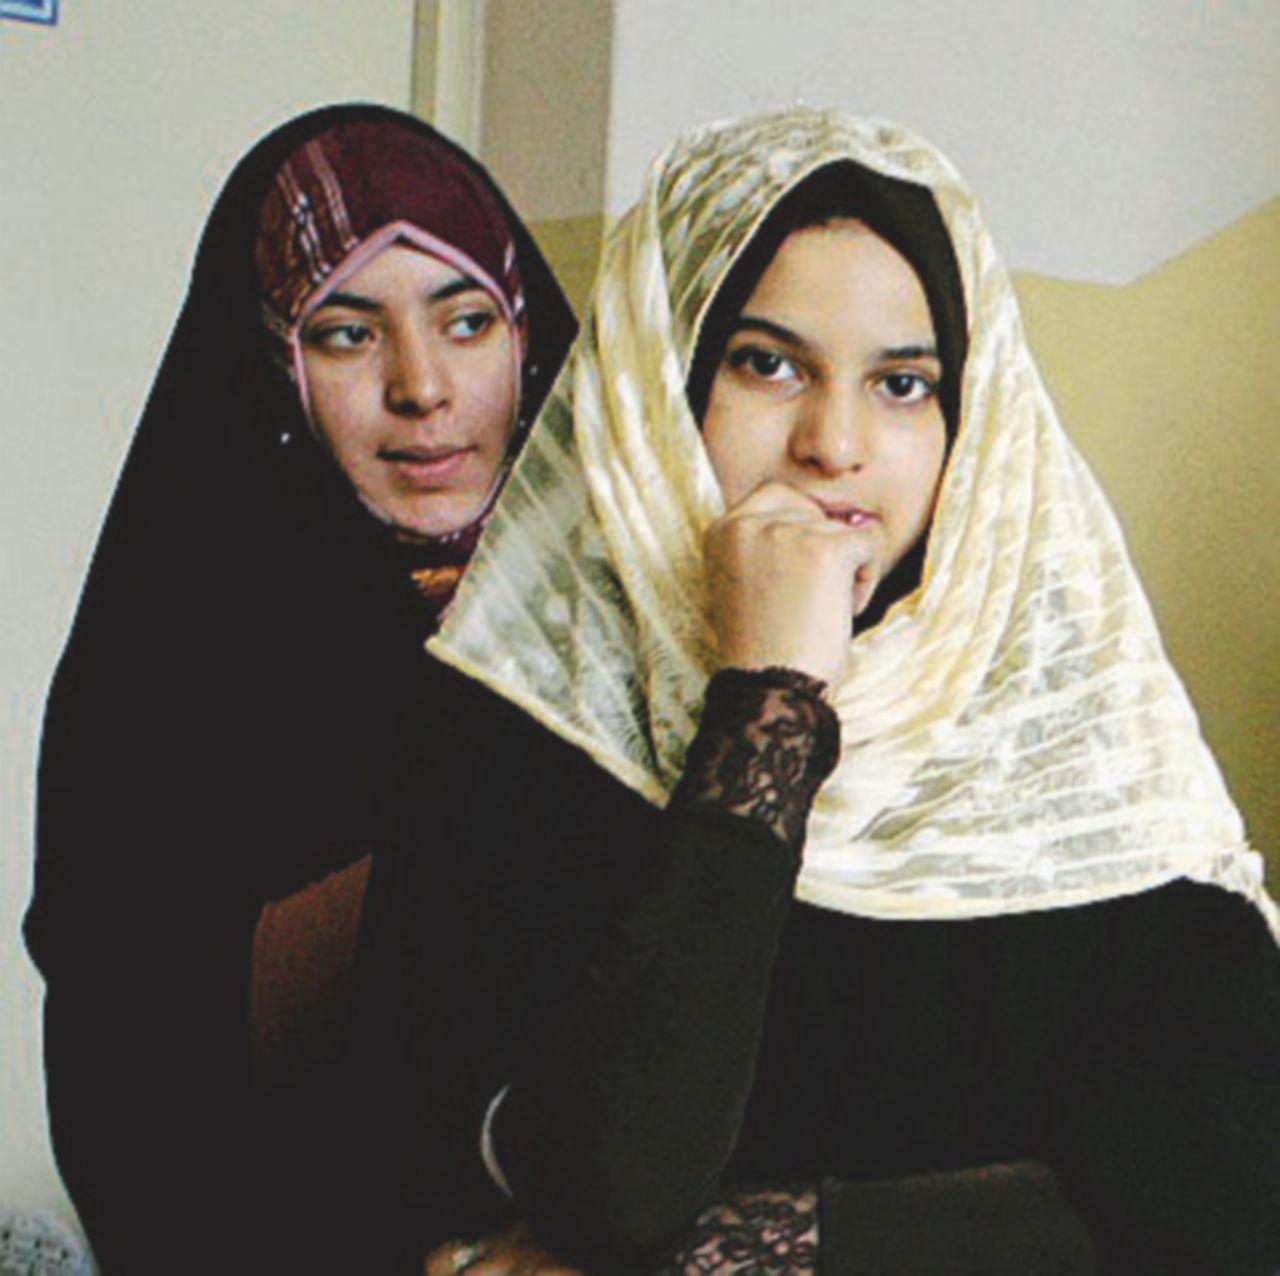 Certe donne islamiche razzolano male